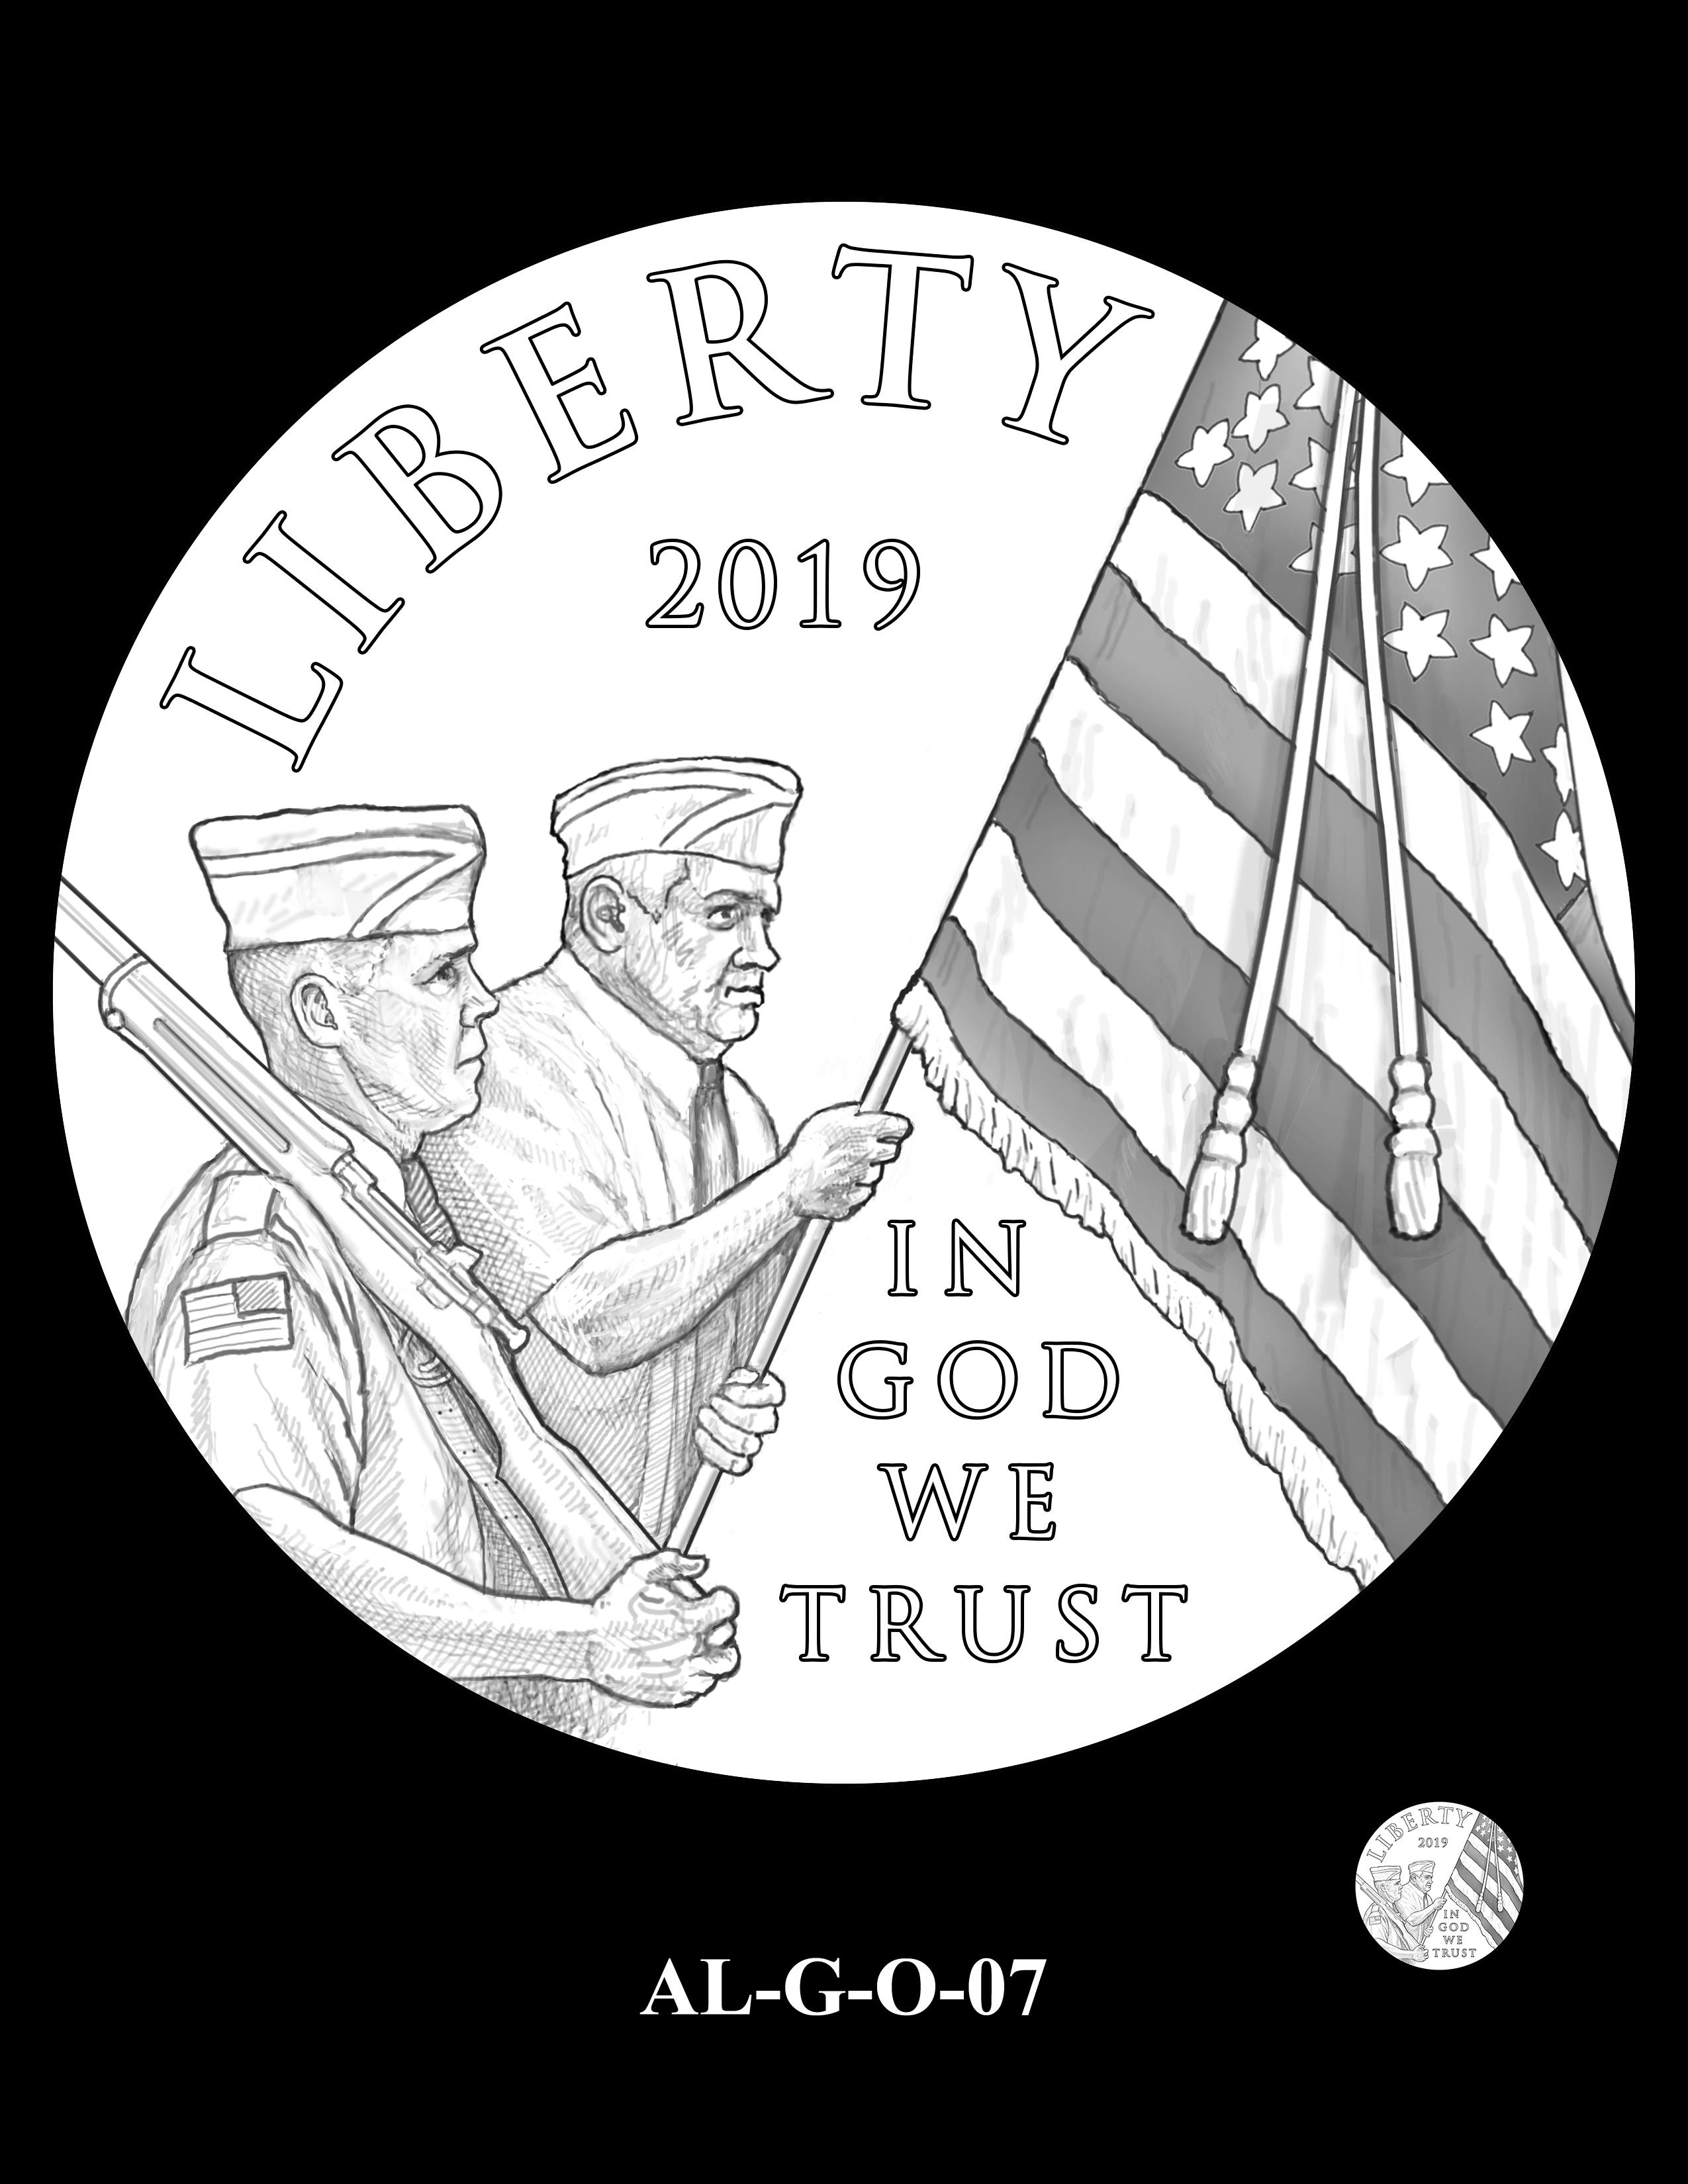 AL-G-O-07 -- 2019 American Legion 100th Anniversary Commemorative Coin Program - Gold Obverse